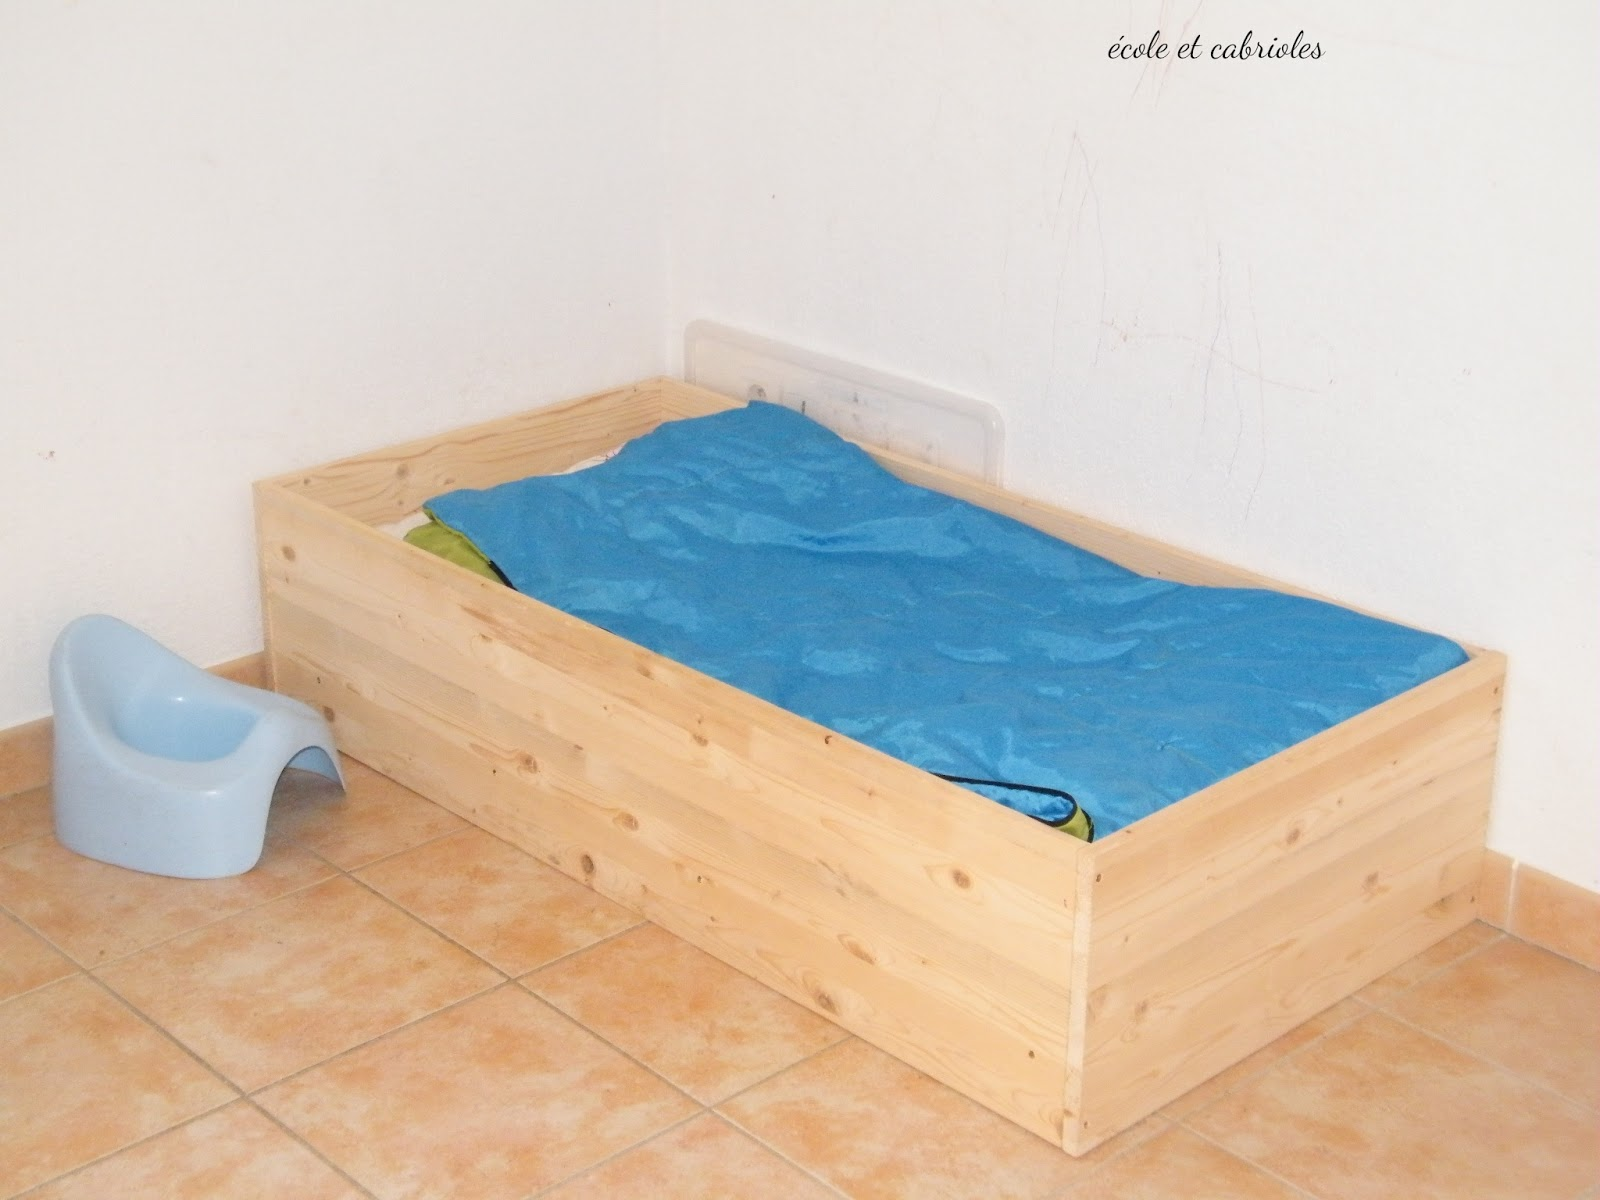 Ecole et cabrioles, une école montessori à la maison : aménager sa ...